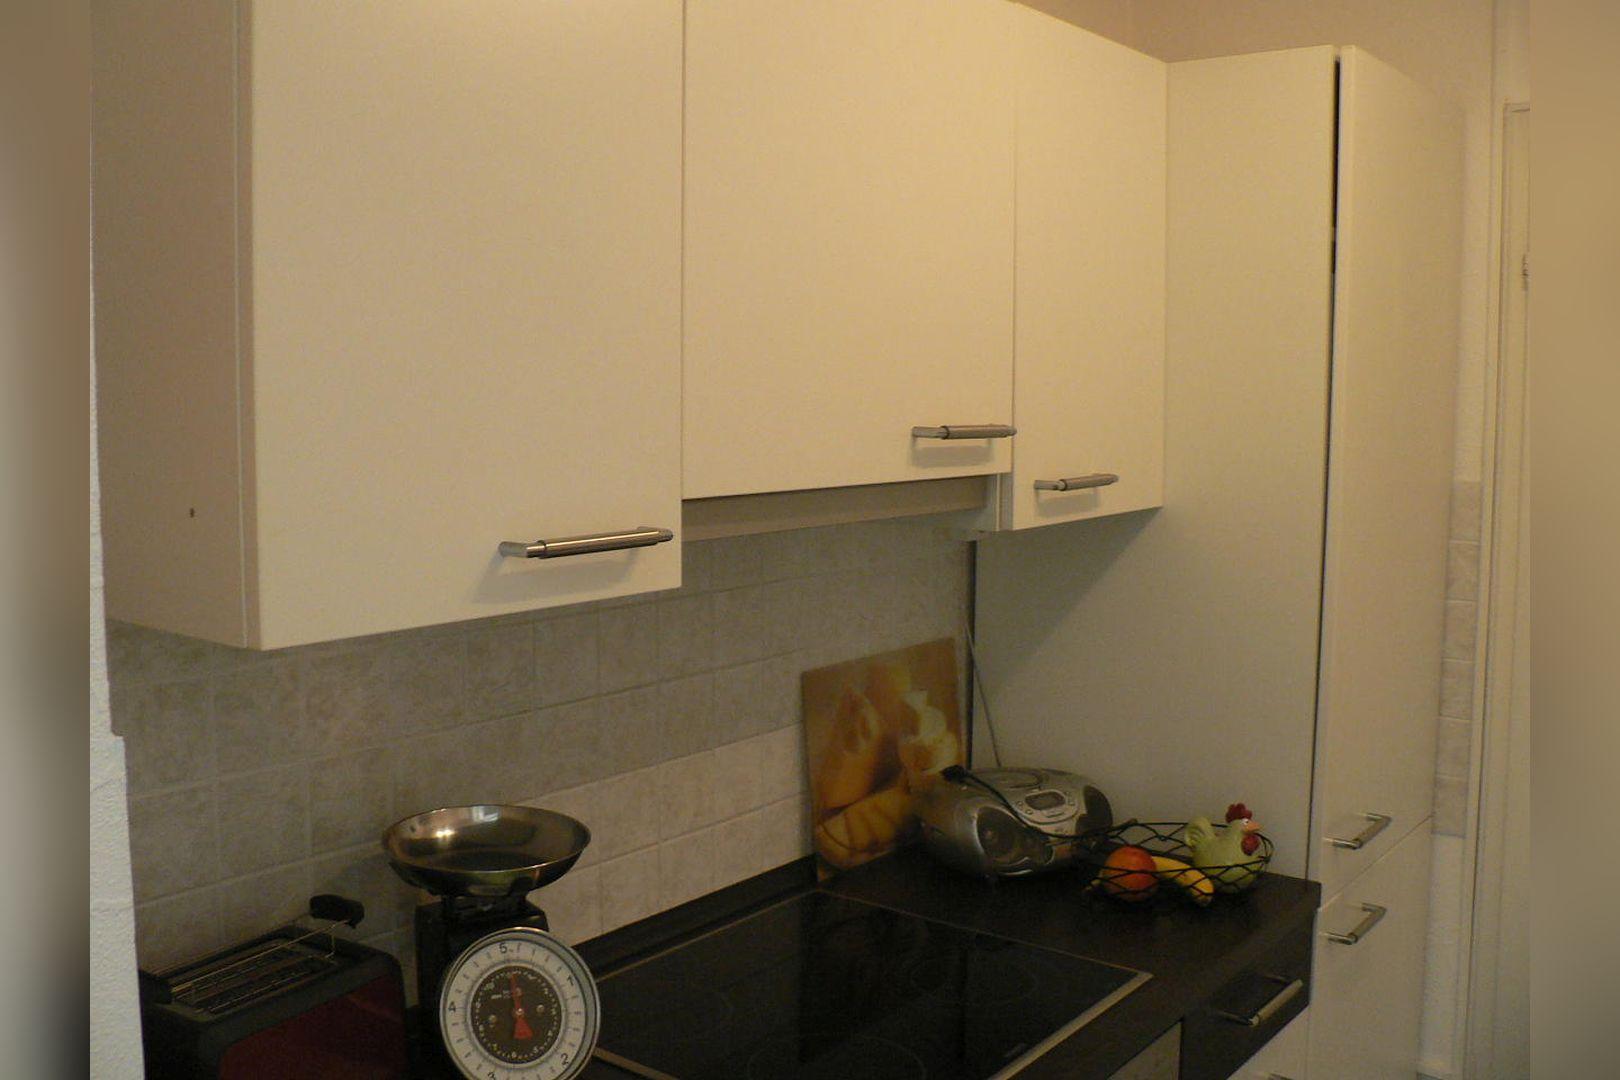 Immobilie Nr.305 - 2,5-Zimmer-Wohnung mit Balkon in 4-Part.-Haus - Bild 13.jpg